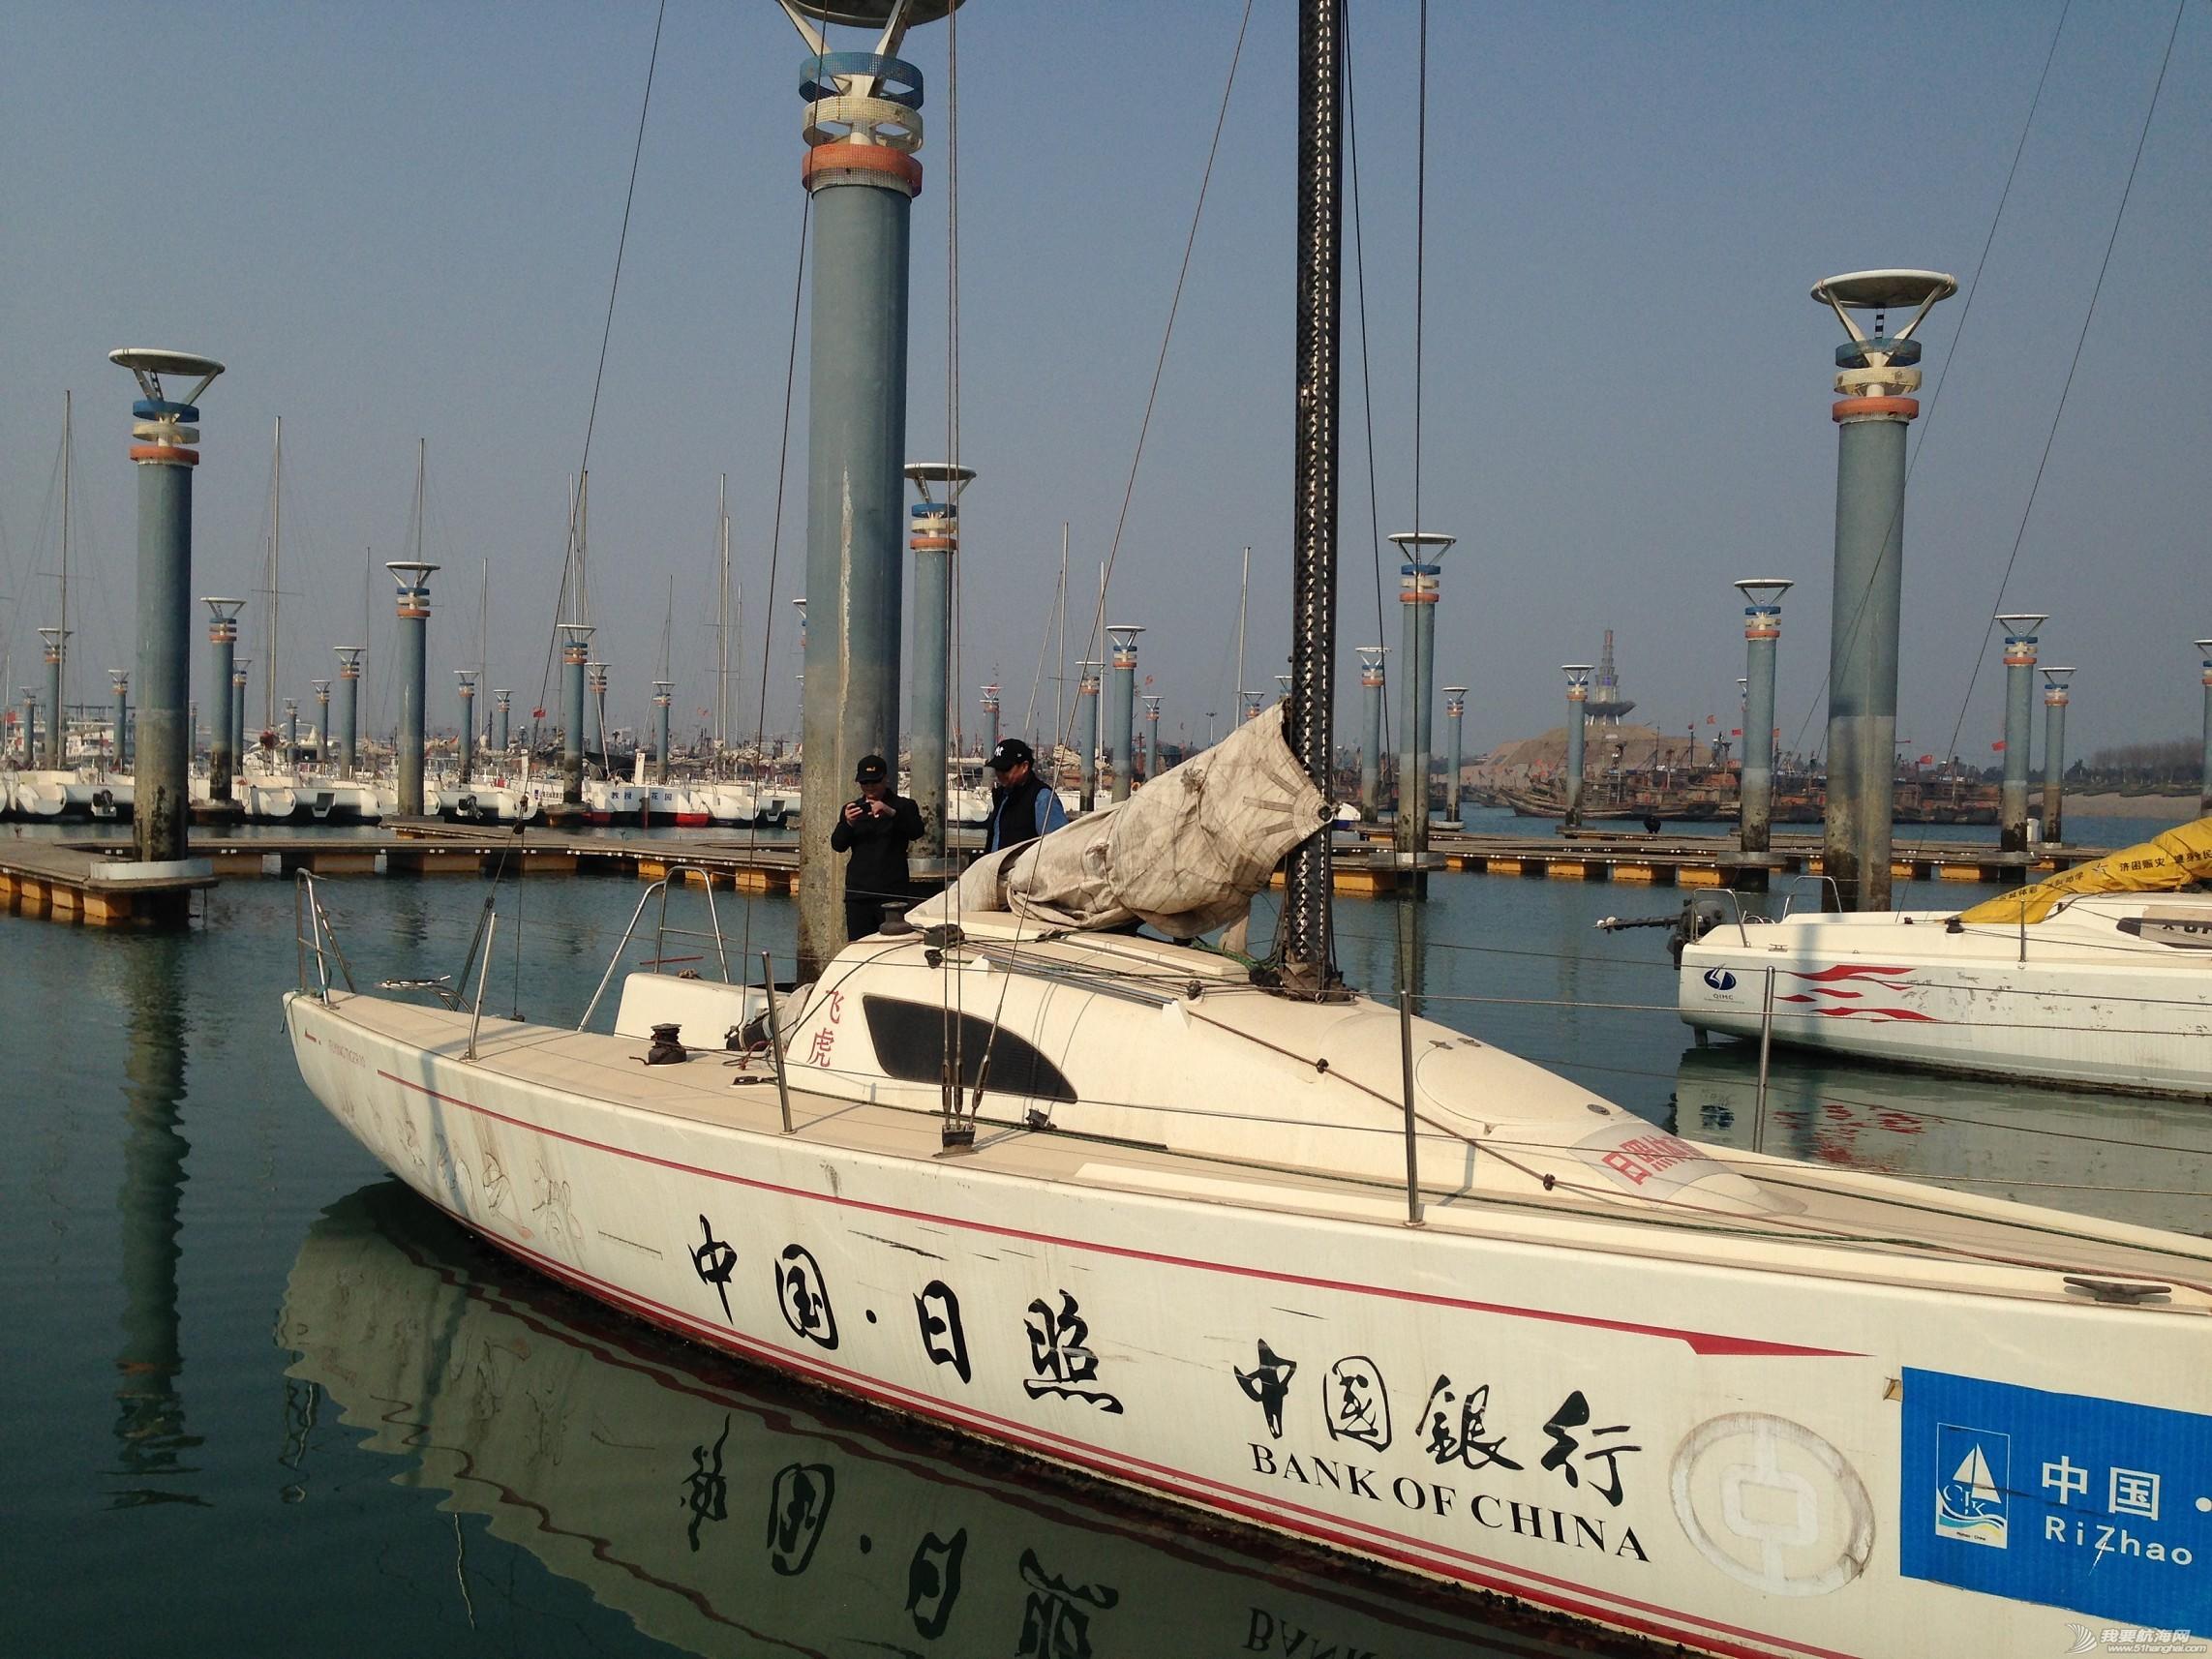 俱乐部,帆船 俱乐部周末参观大帆船 IMG_2794_眸目压缩.JPG